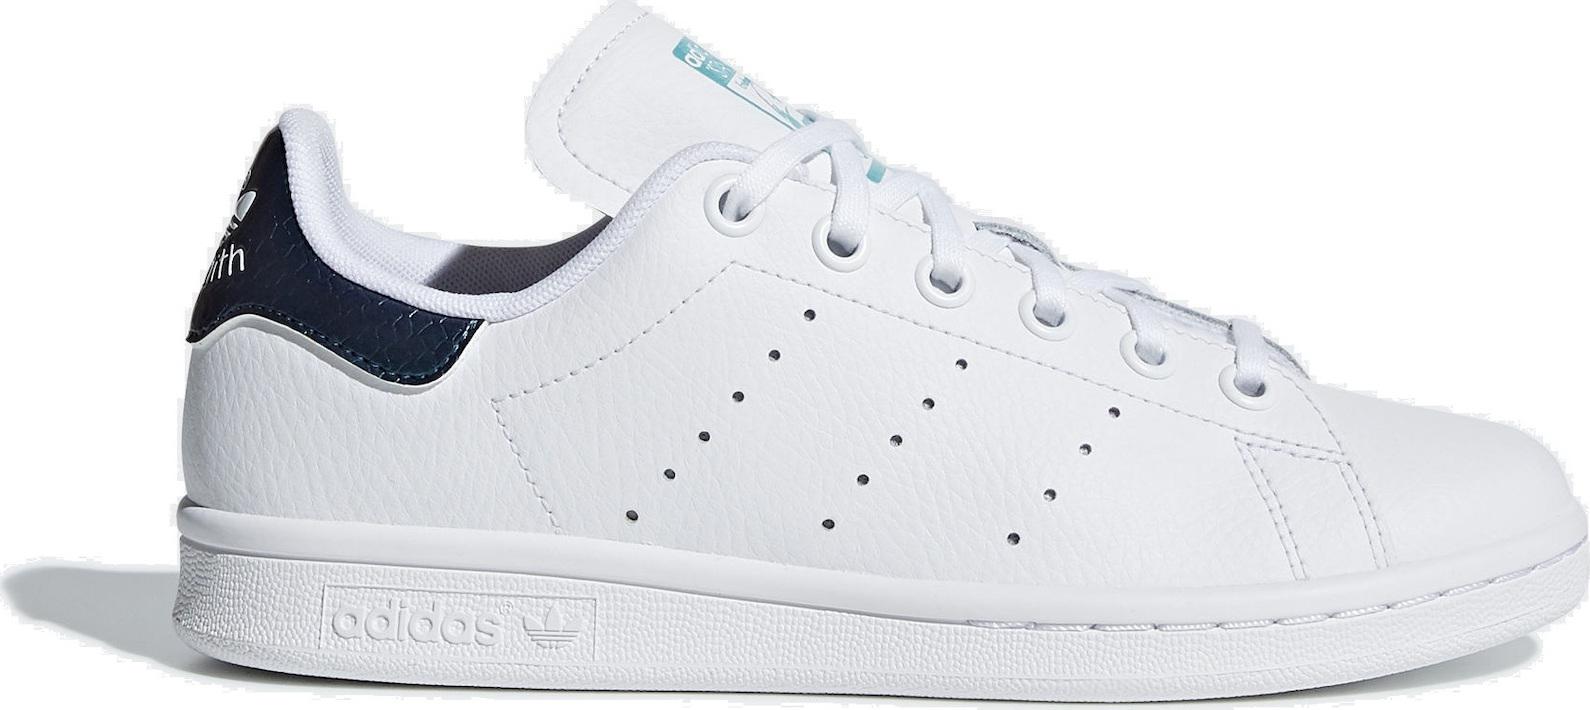 5c4b5185ce7 Προσθήκη στα αγαπημένα menu Adidas Stan Smith